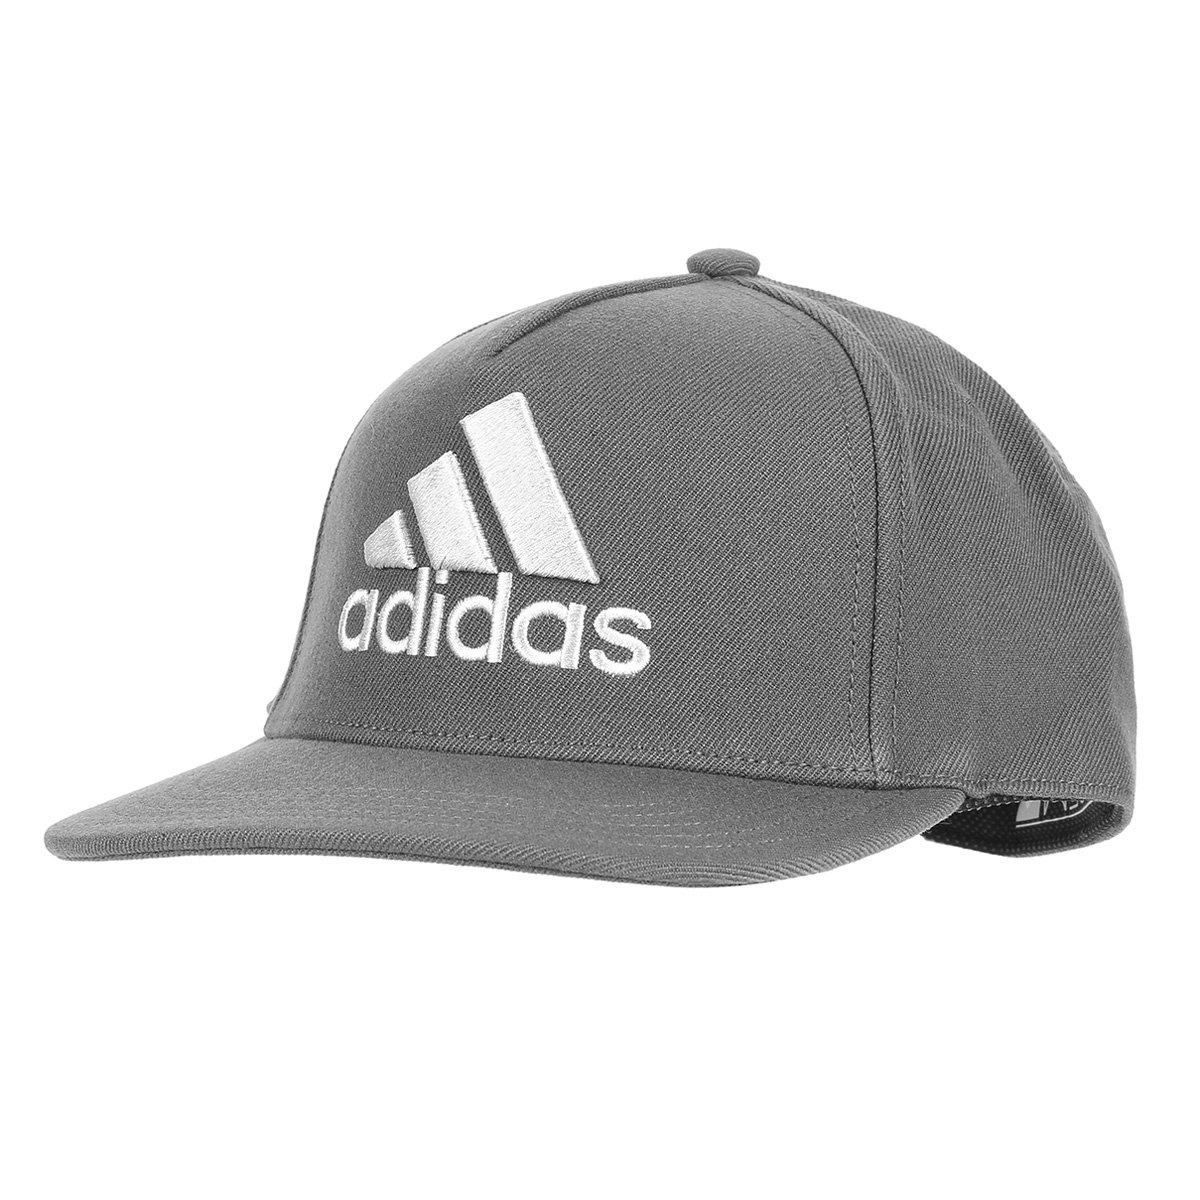 Boné Adidas H90 Logo Cap - Cinza e Branco - Compre Agora  c4a13bdeab1